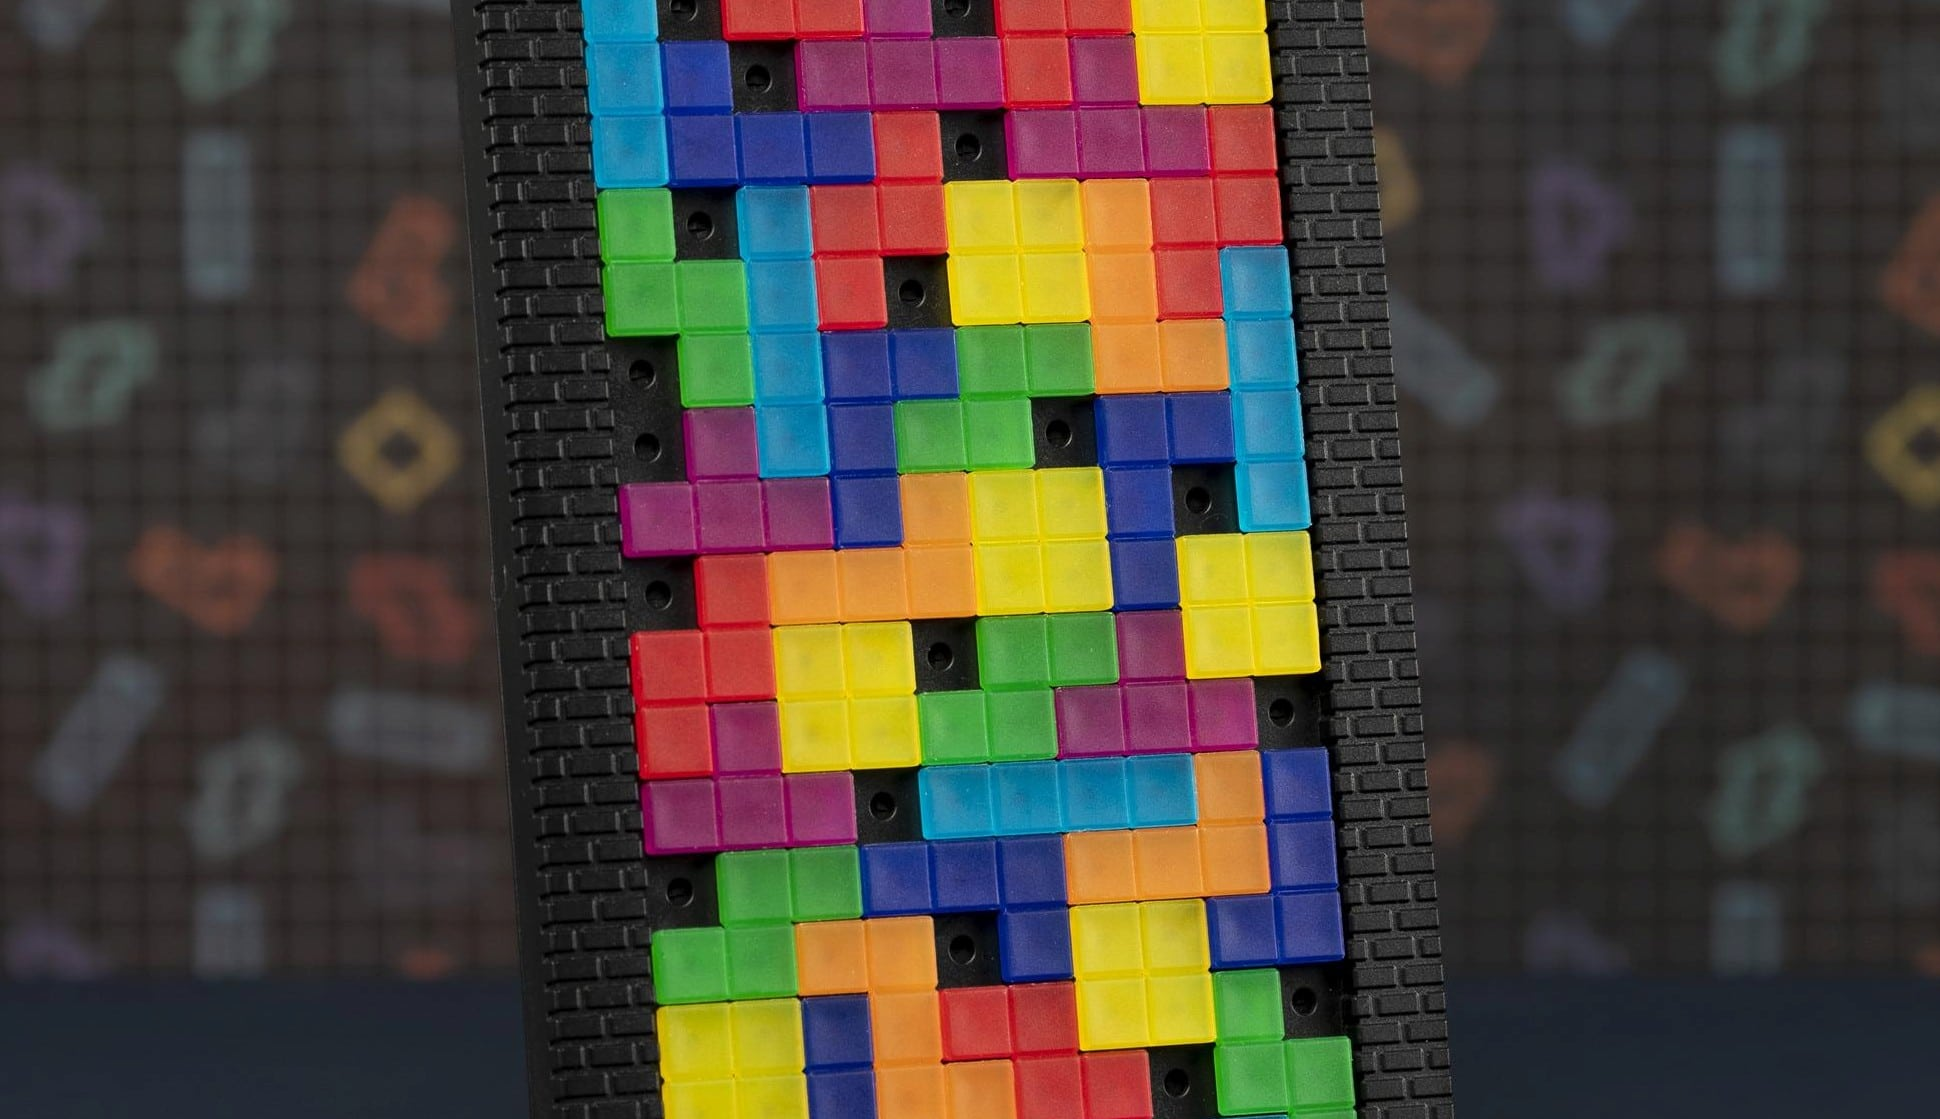 Das ist eine besondere Tetris-Lampe. (Foto: Merchoid)